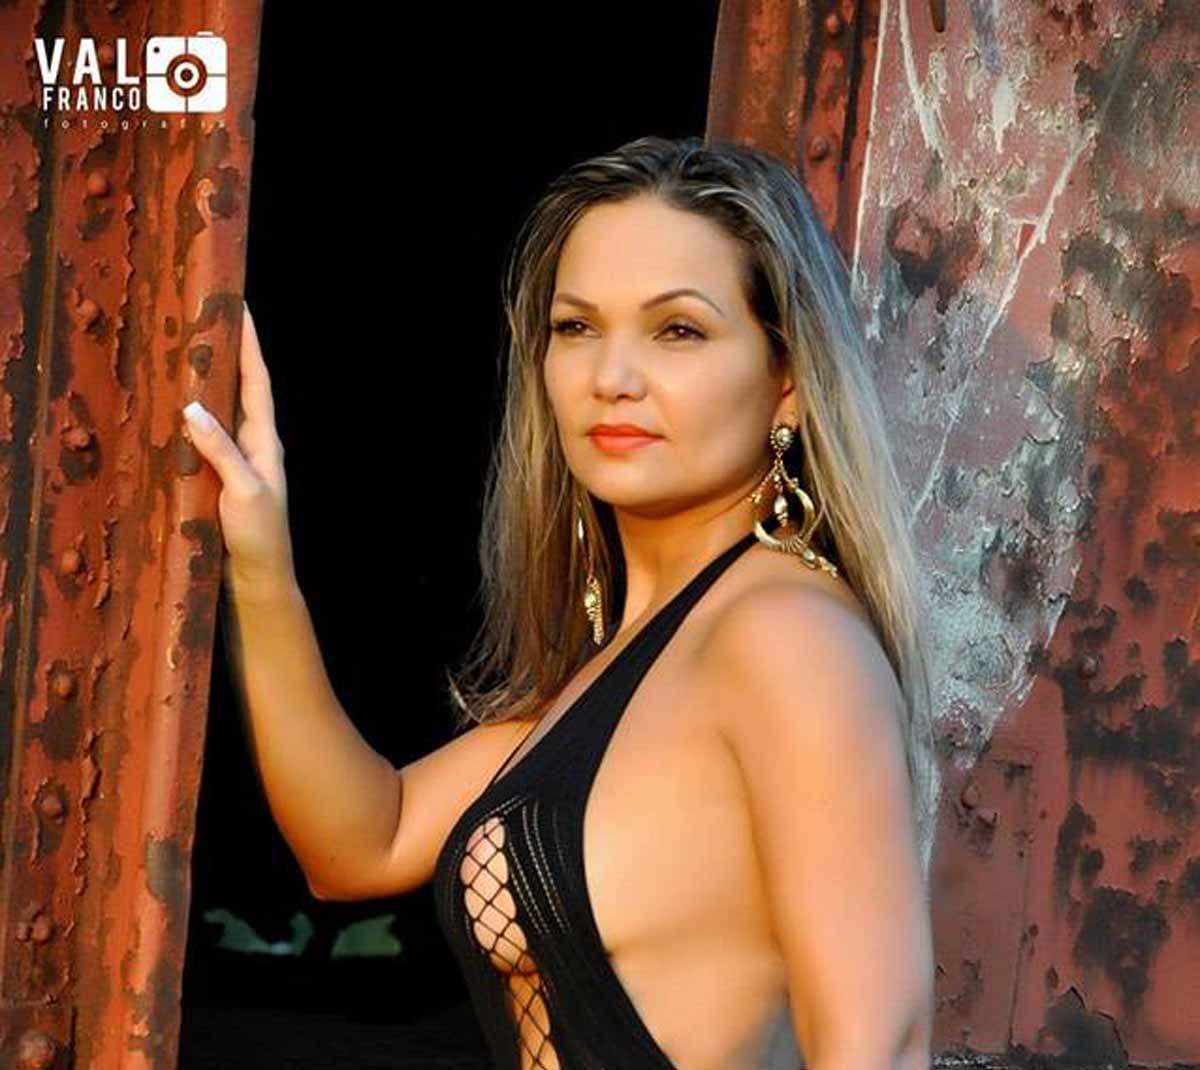 KASSIA NUNES, A MUSA FITNESS QUE VEM MOVIMENTANDO A INTERNET EM MATO GROSSO DO SUL